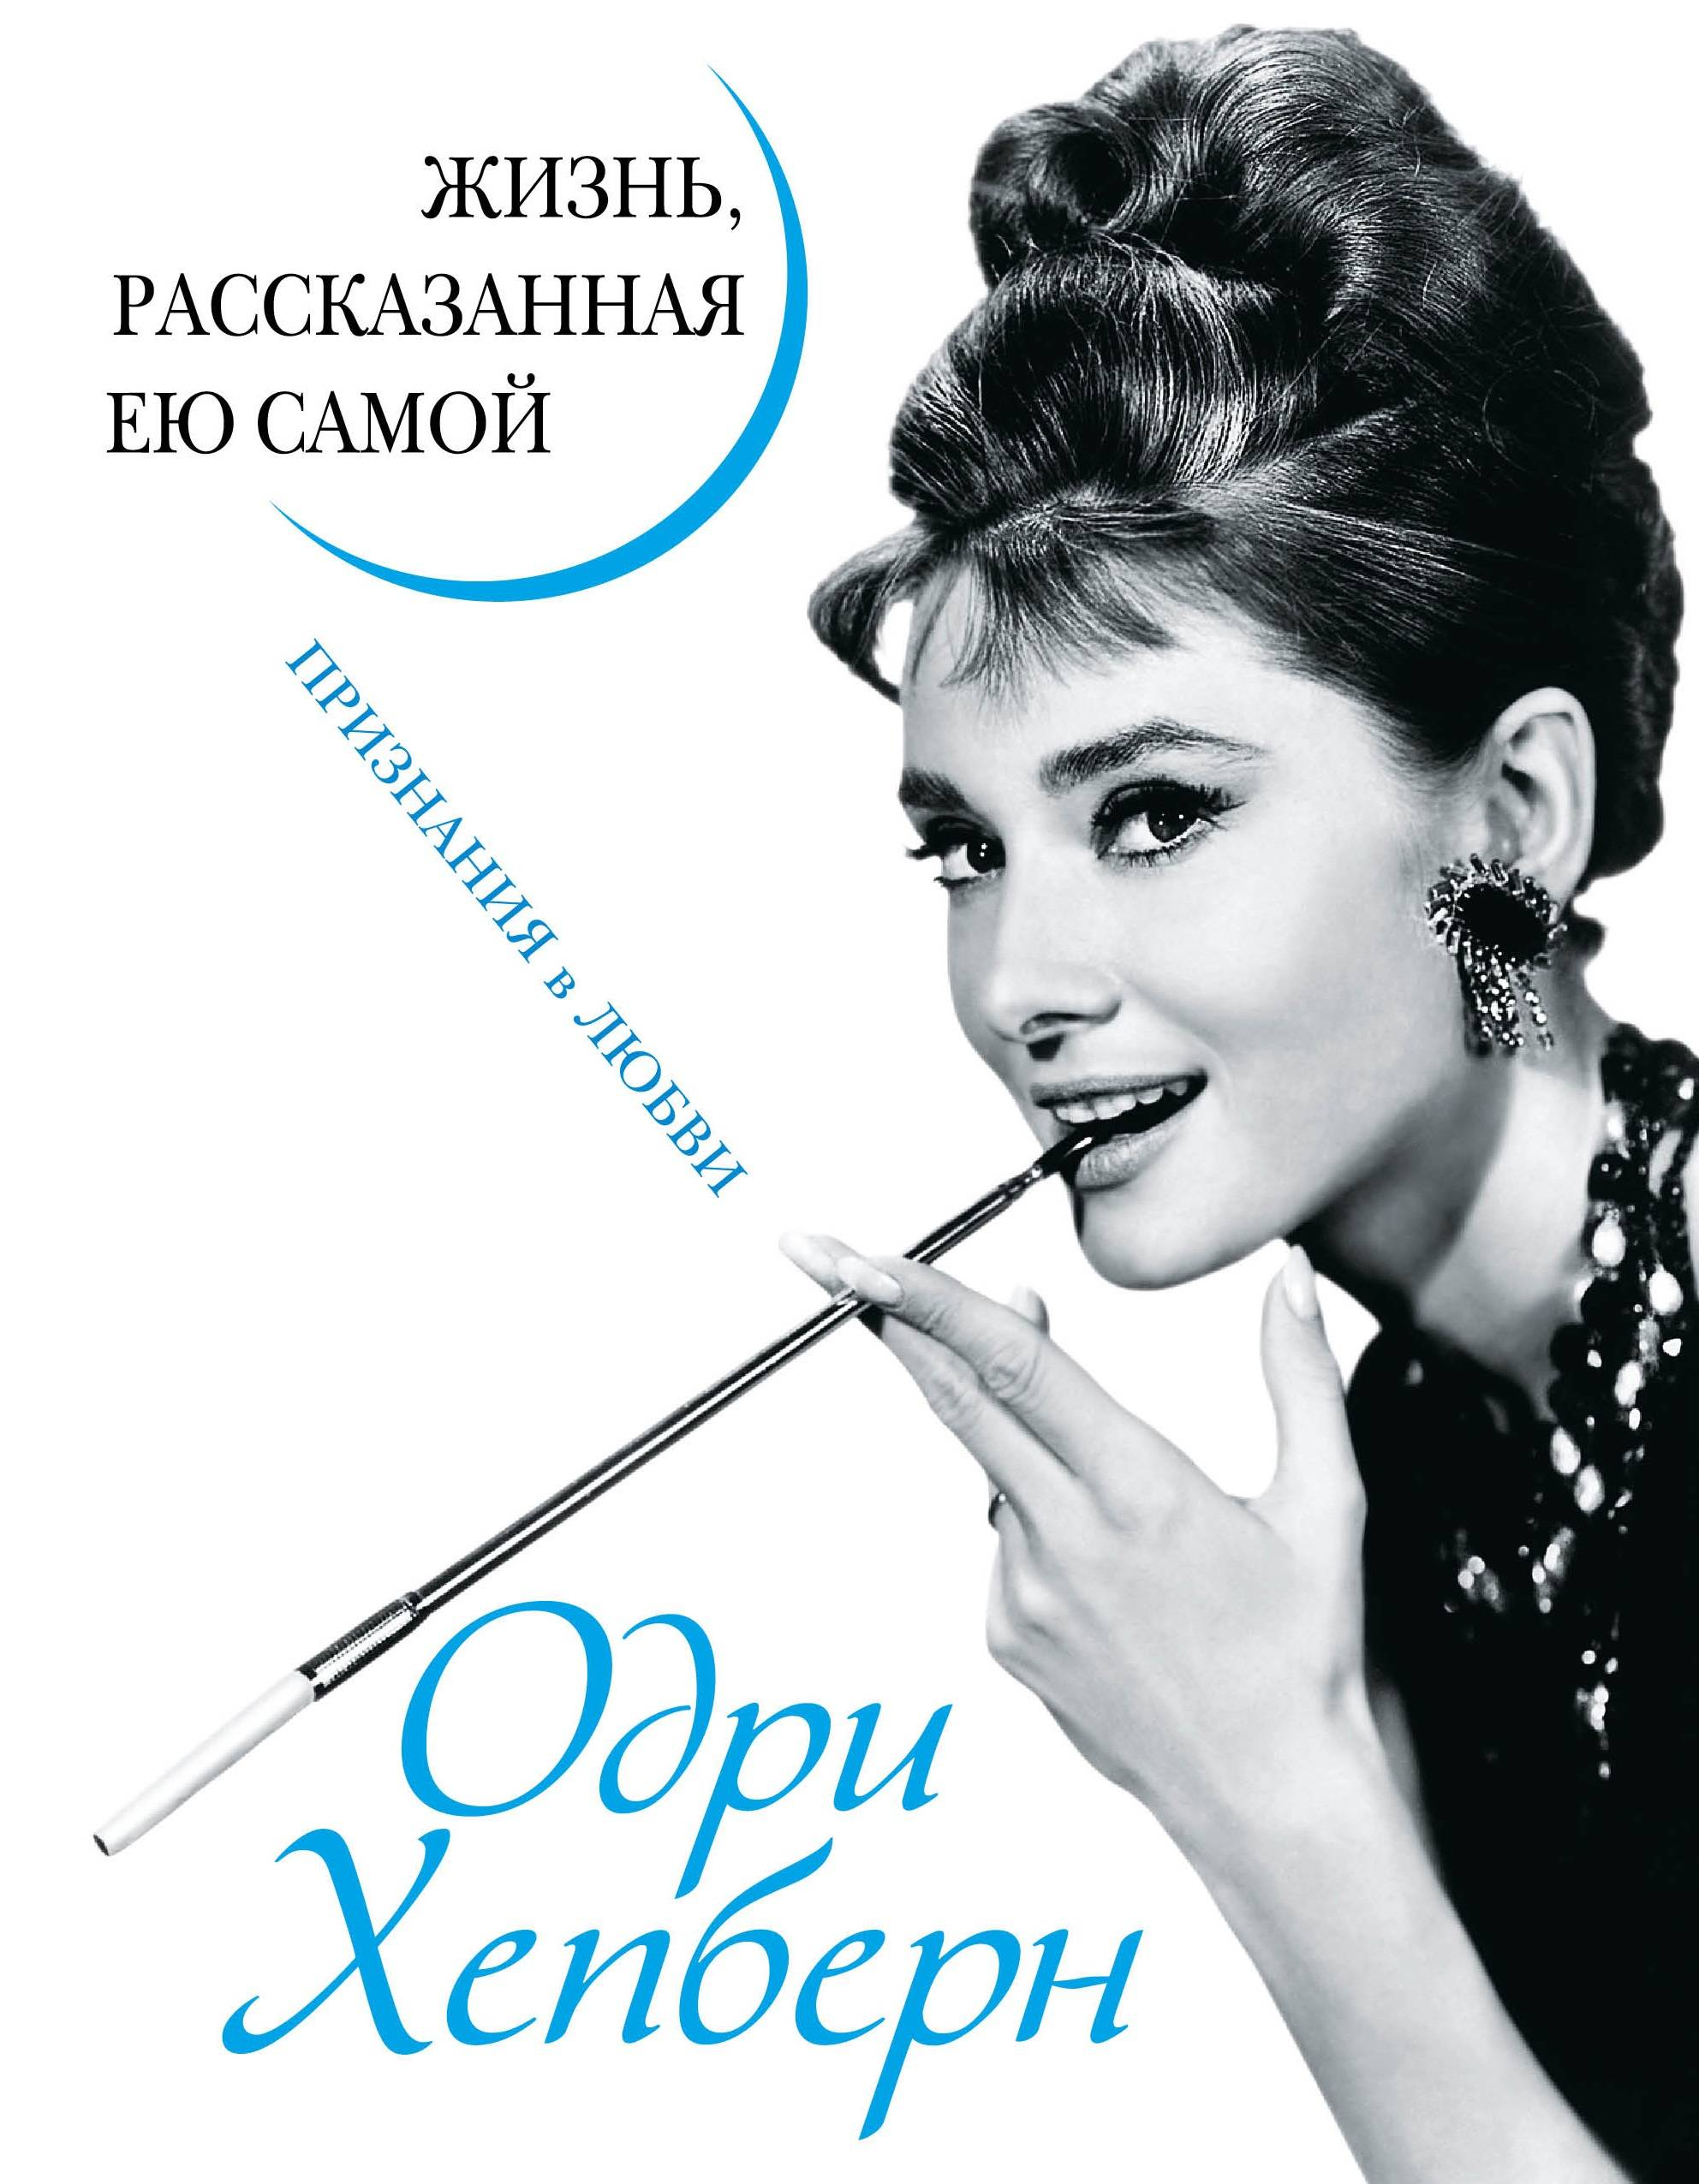 Одри Хепберн Одри Хепберн. Жизнь, рассказанная ею самой. Признания в любви